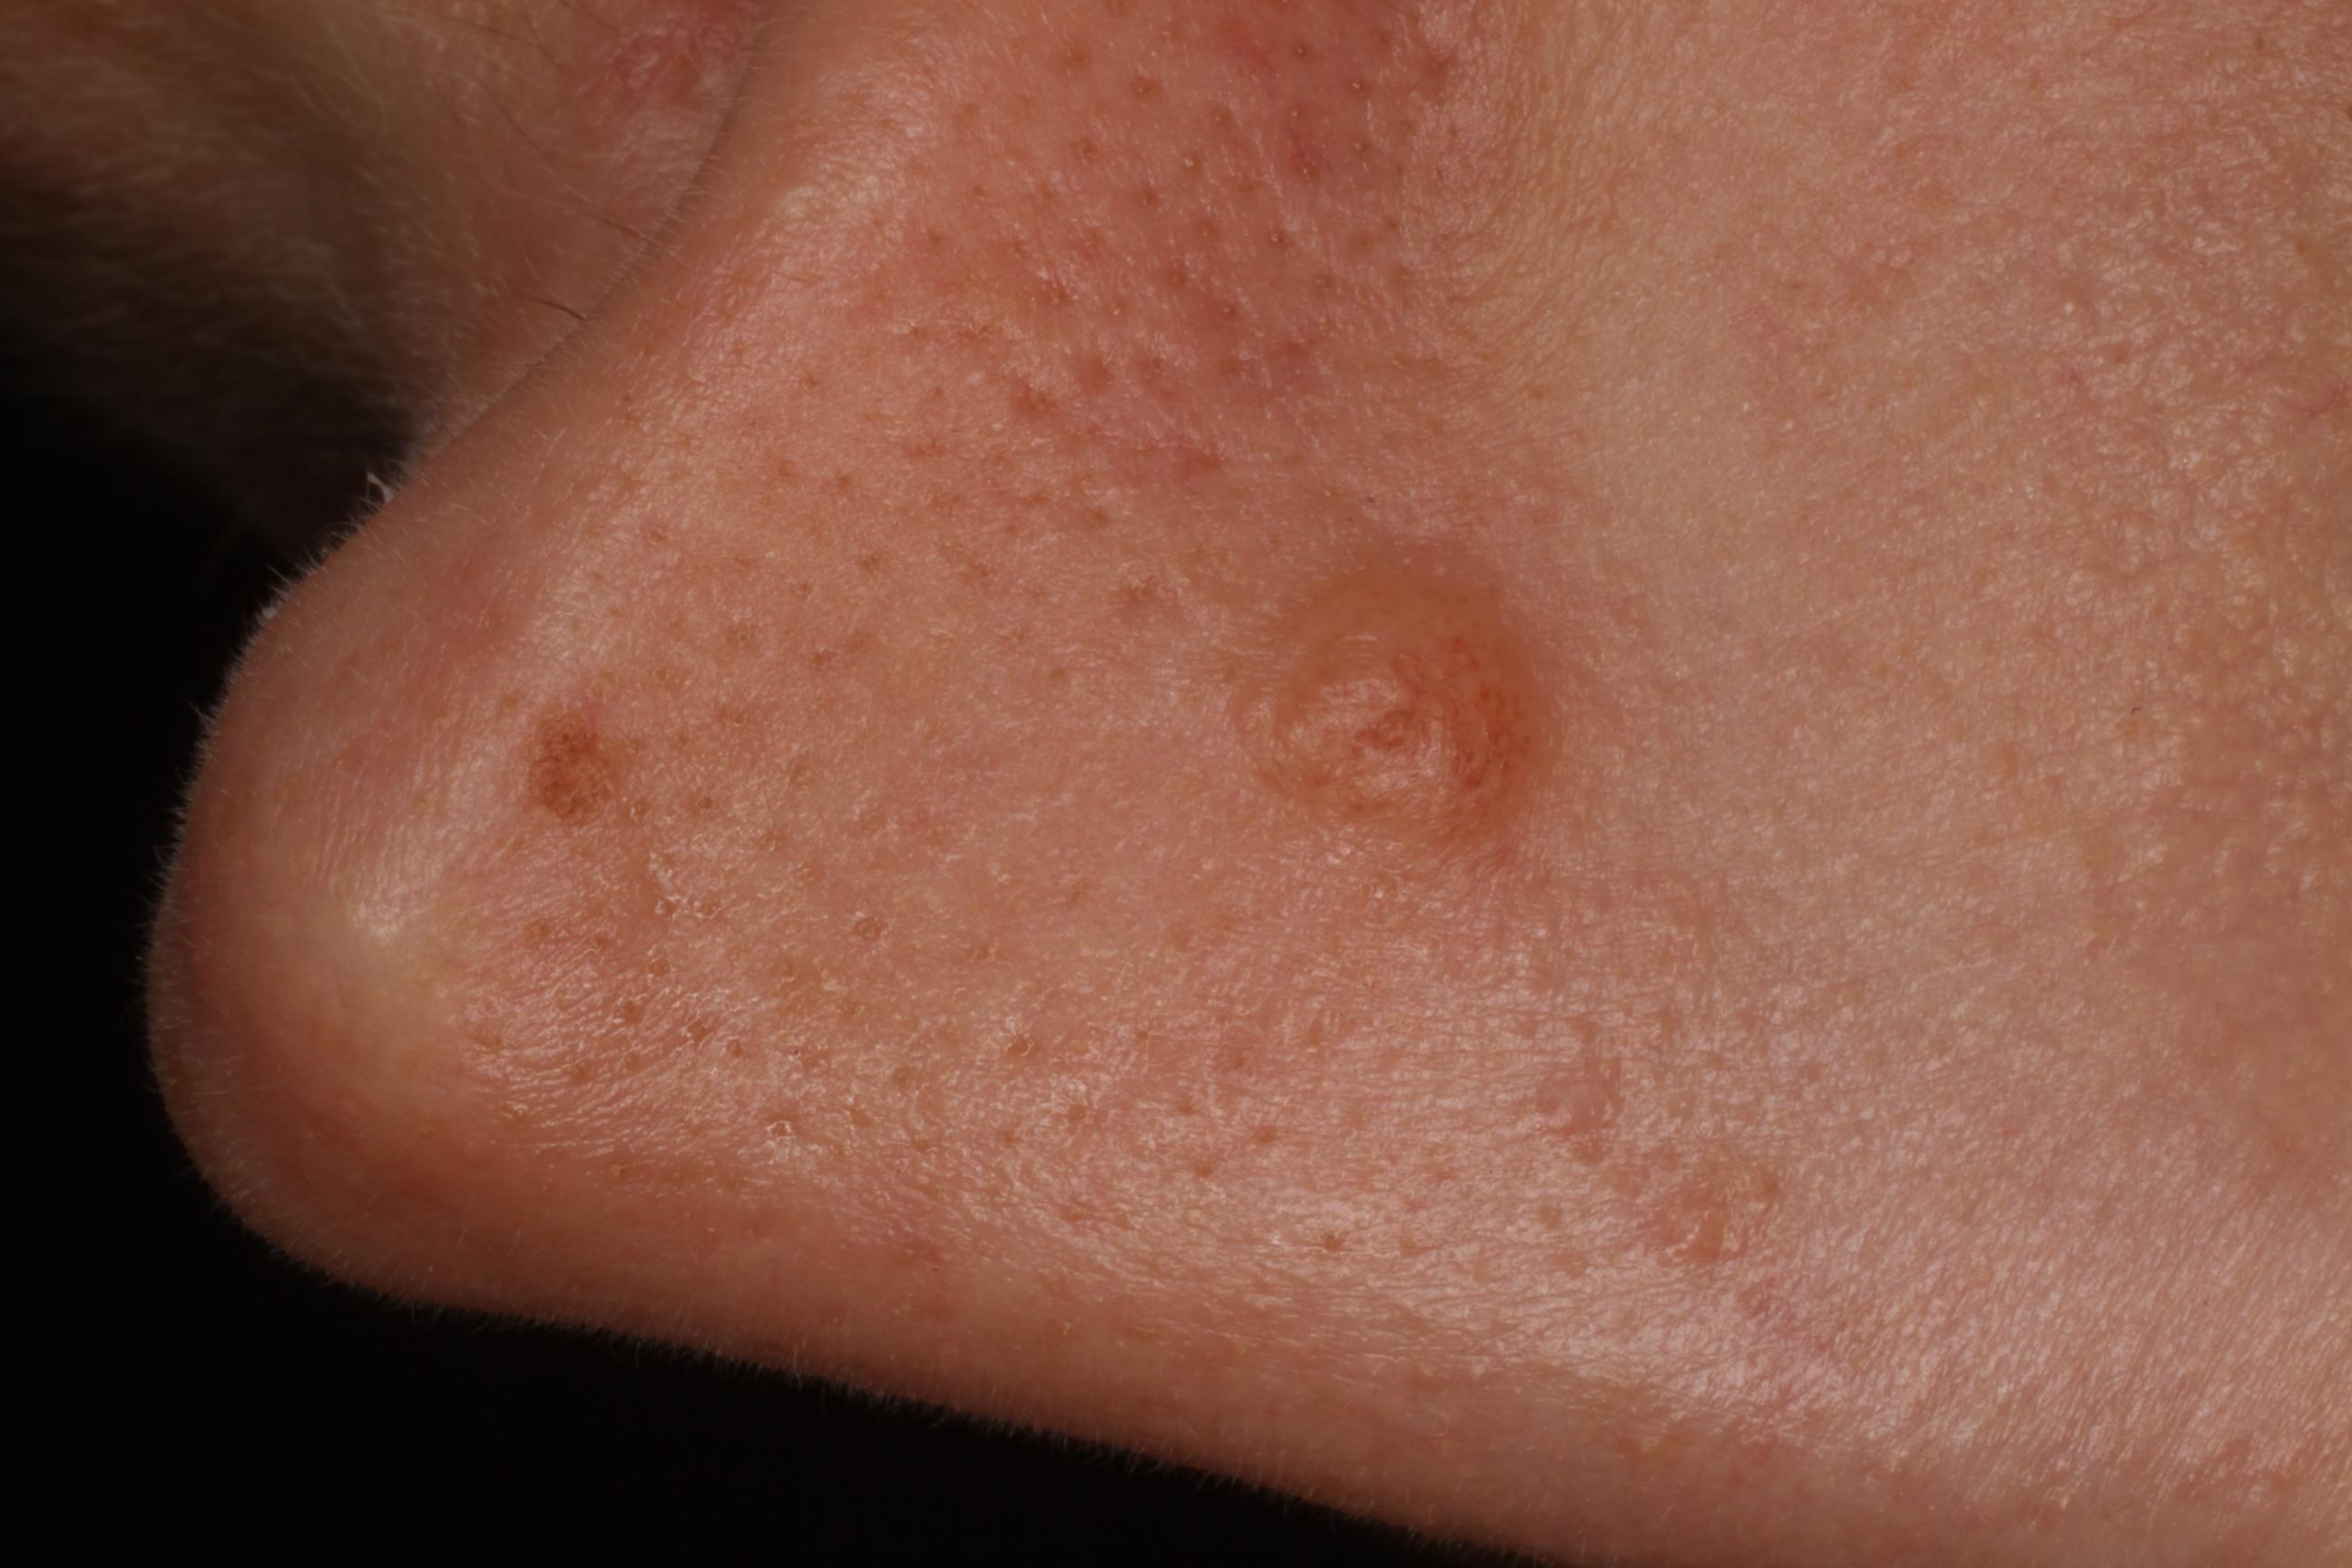 ahol az arcon lévő papilloma eltávolítható